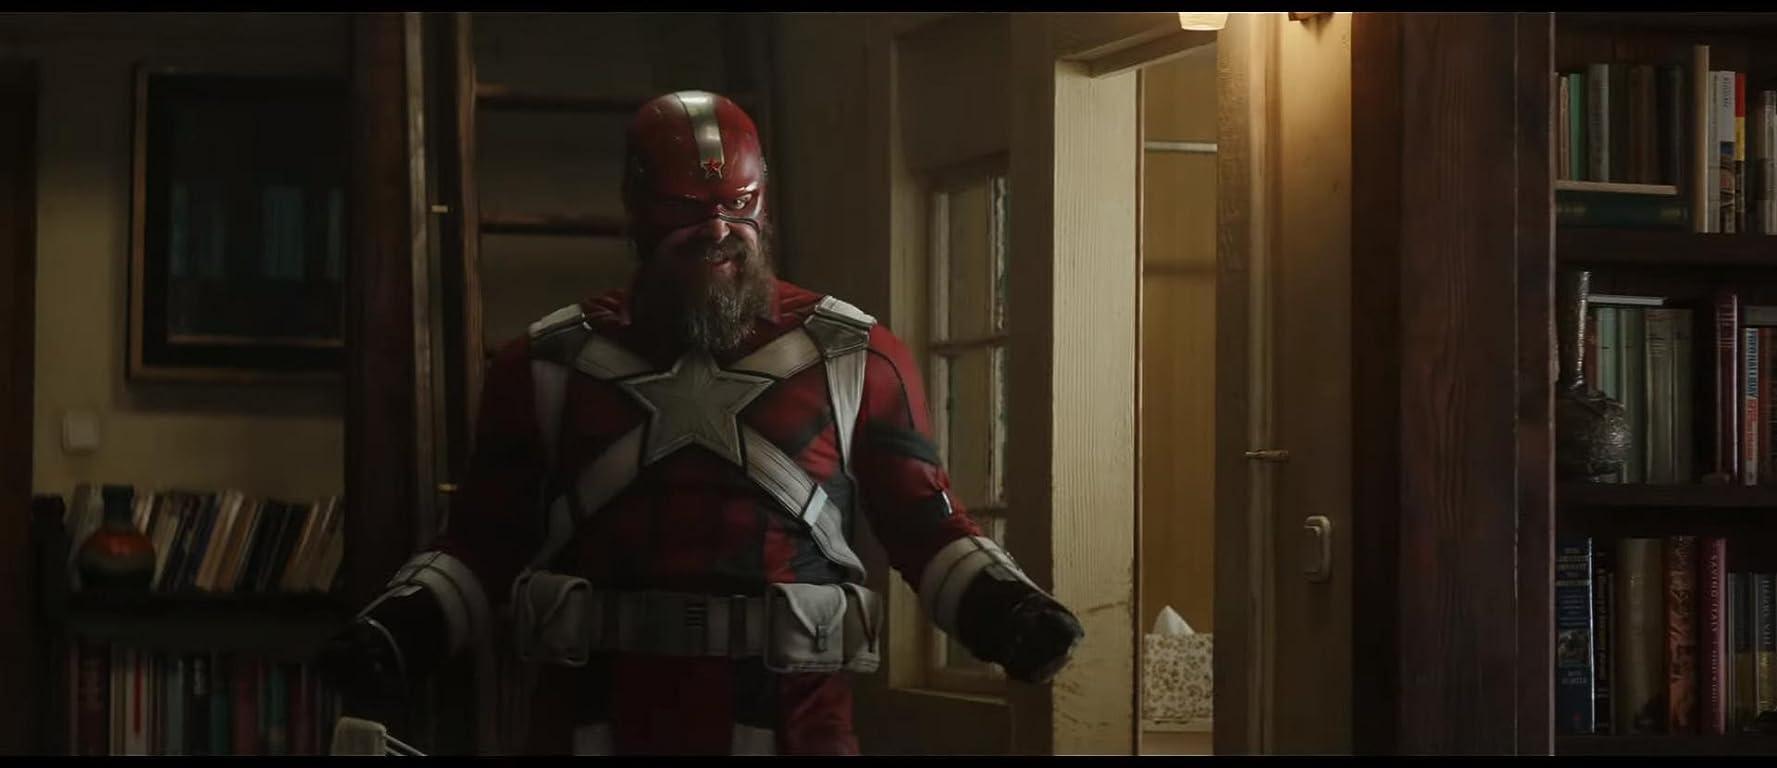 David Harbour in Black Widow (2020)